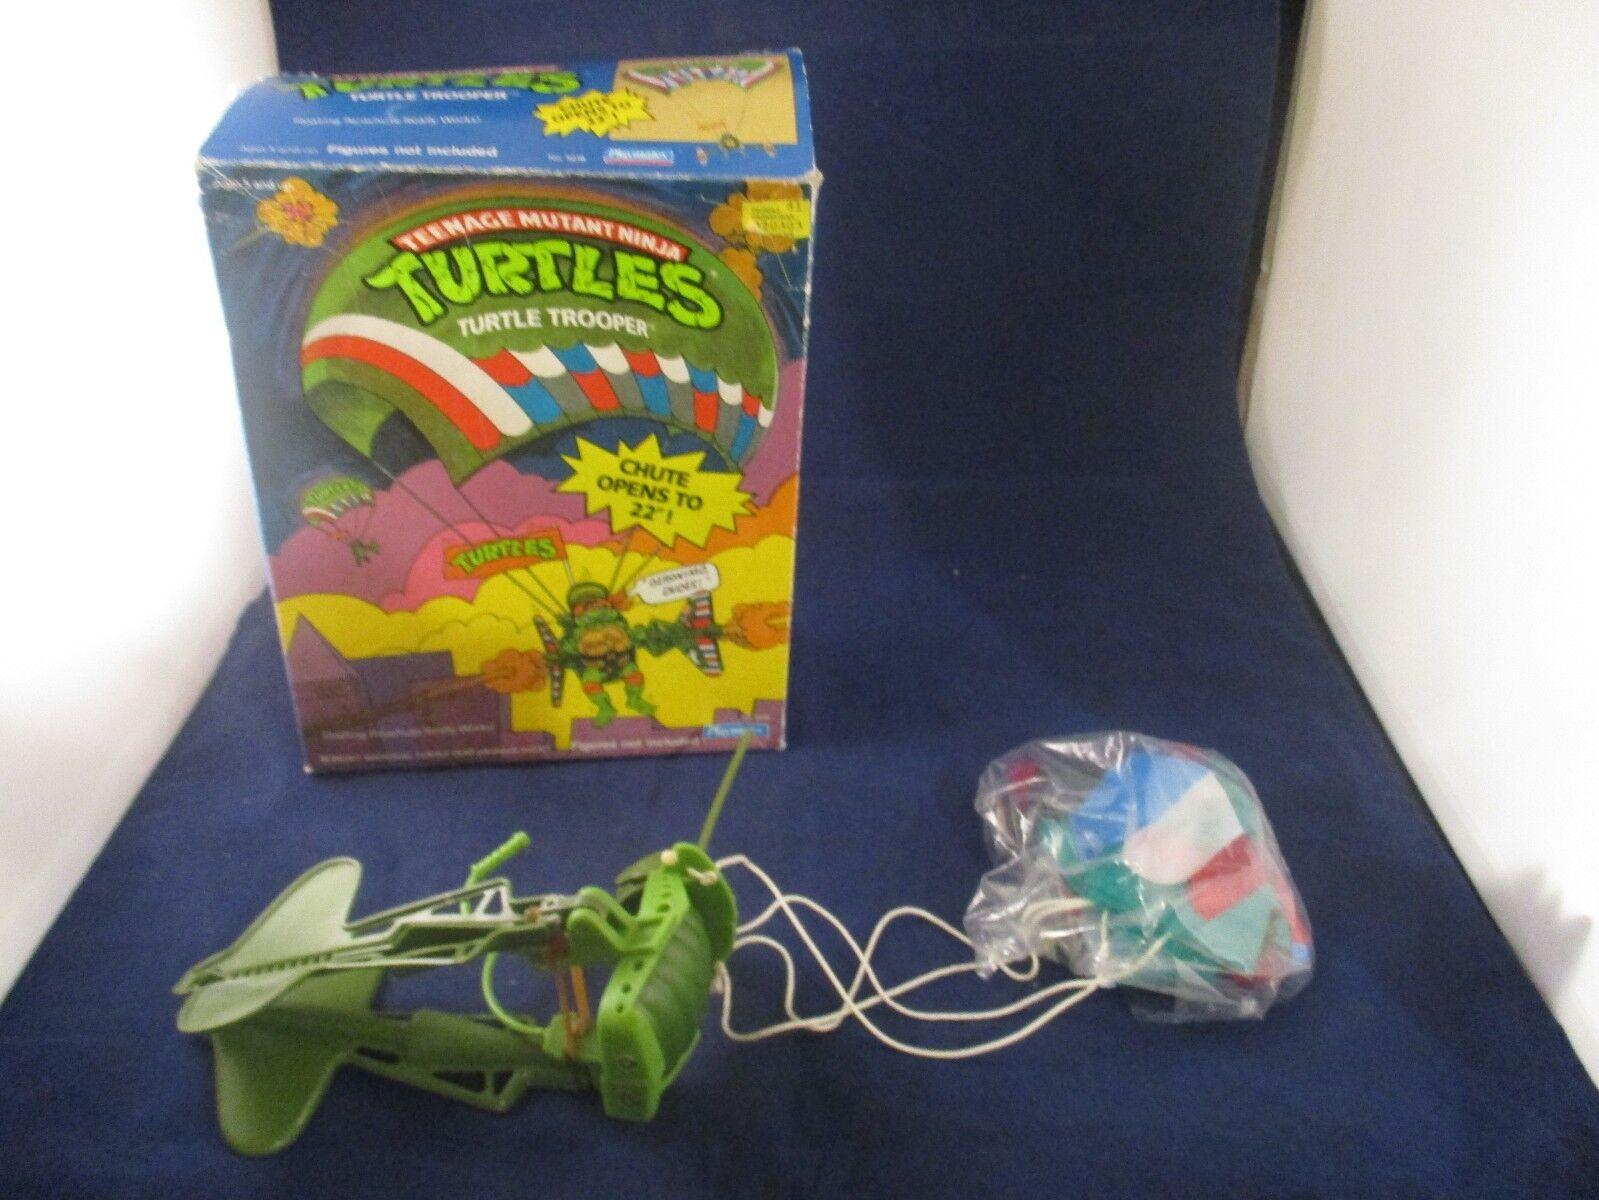 Teenage Mutant Ninja Turtles Turtle Trooper Toy with Original Box